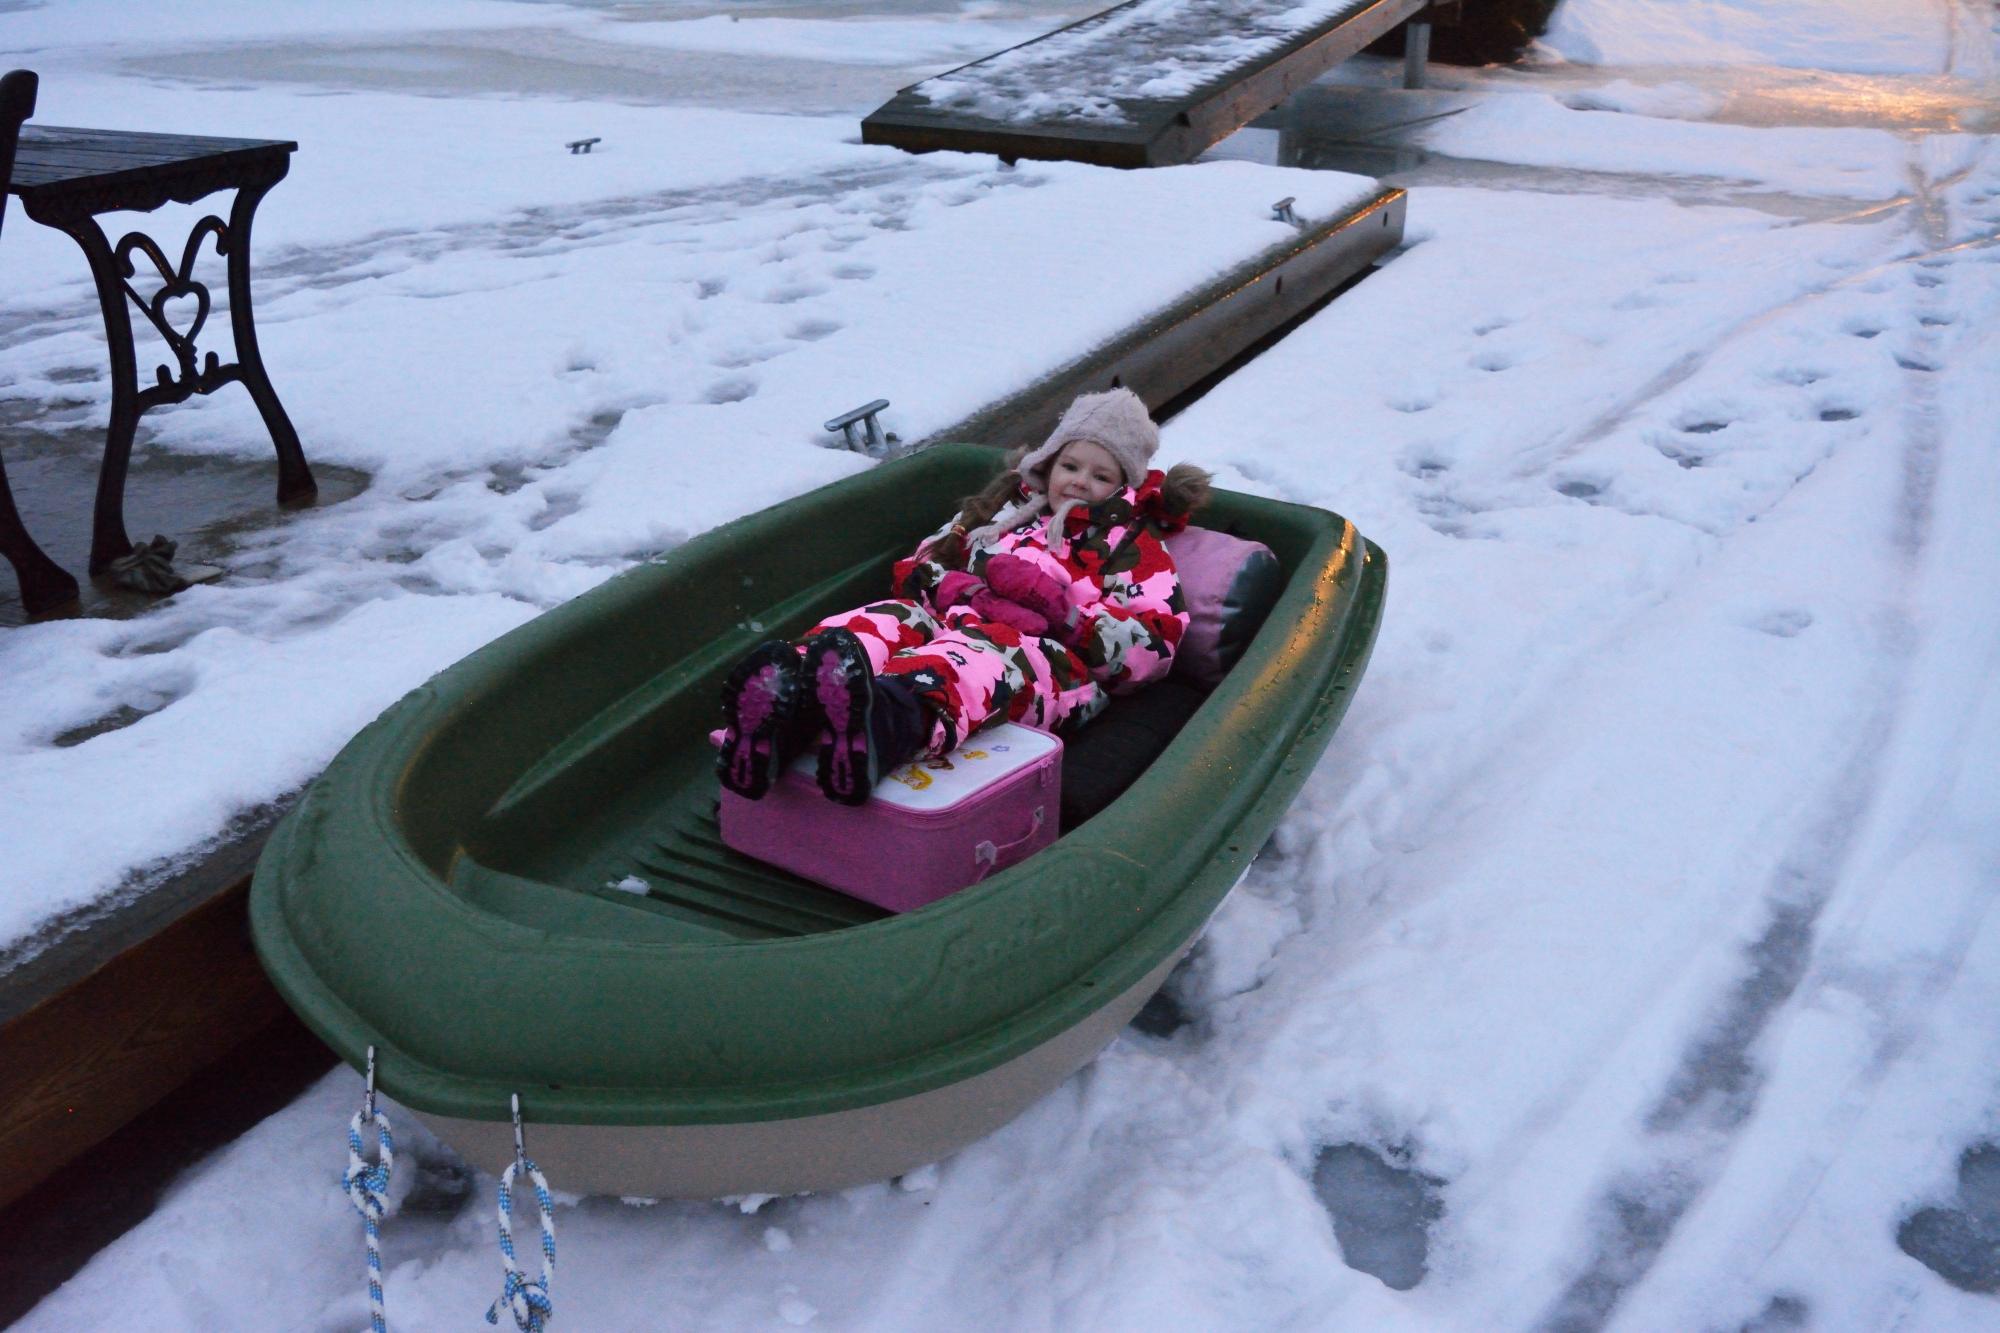 Aamulla ei enää pyryttänyt ja Milla teki olonsa mukavaksi pikkuveneeseen.